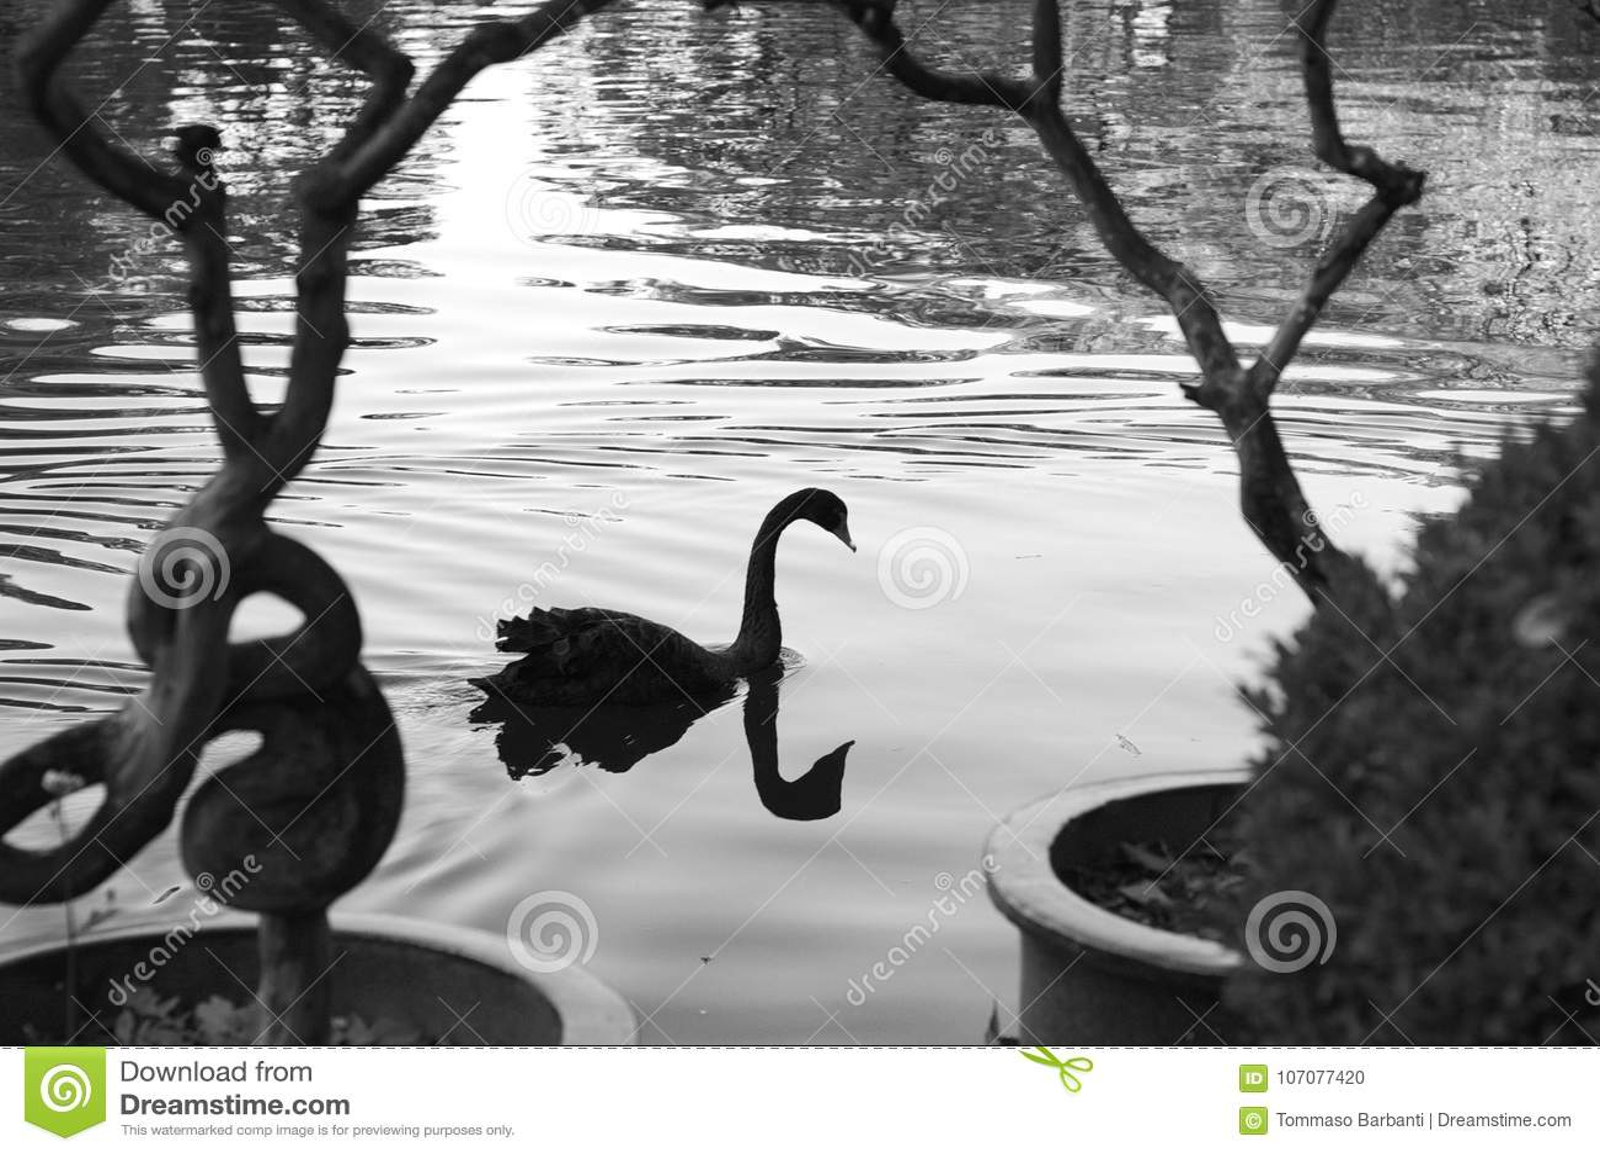 Den svarta svanen reflekterade i sjön - svartvitt fotografi